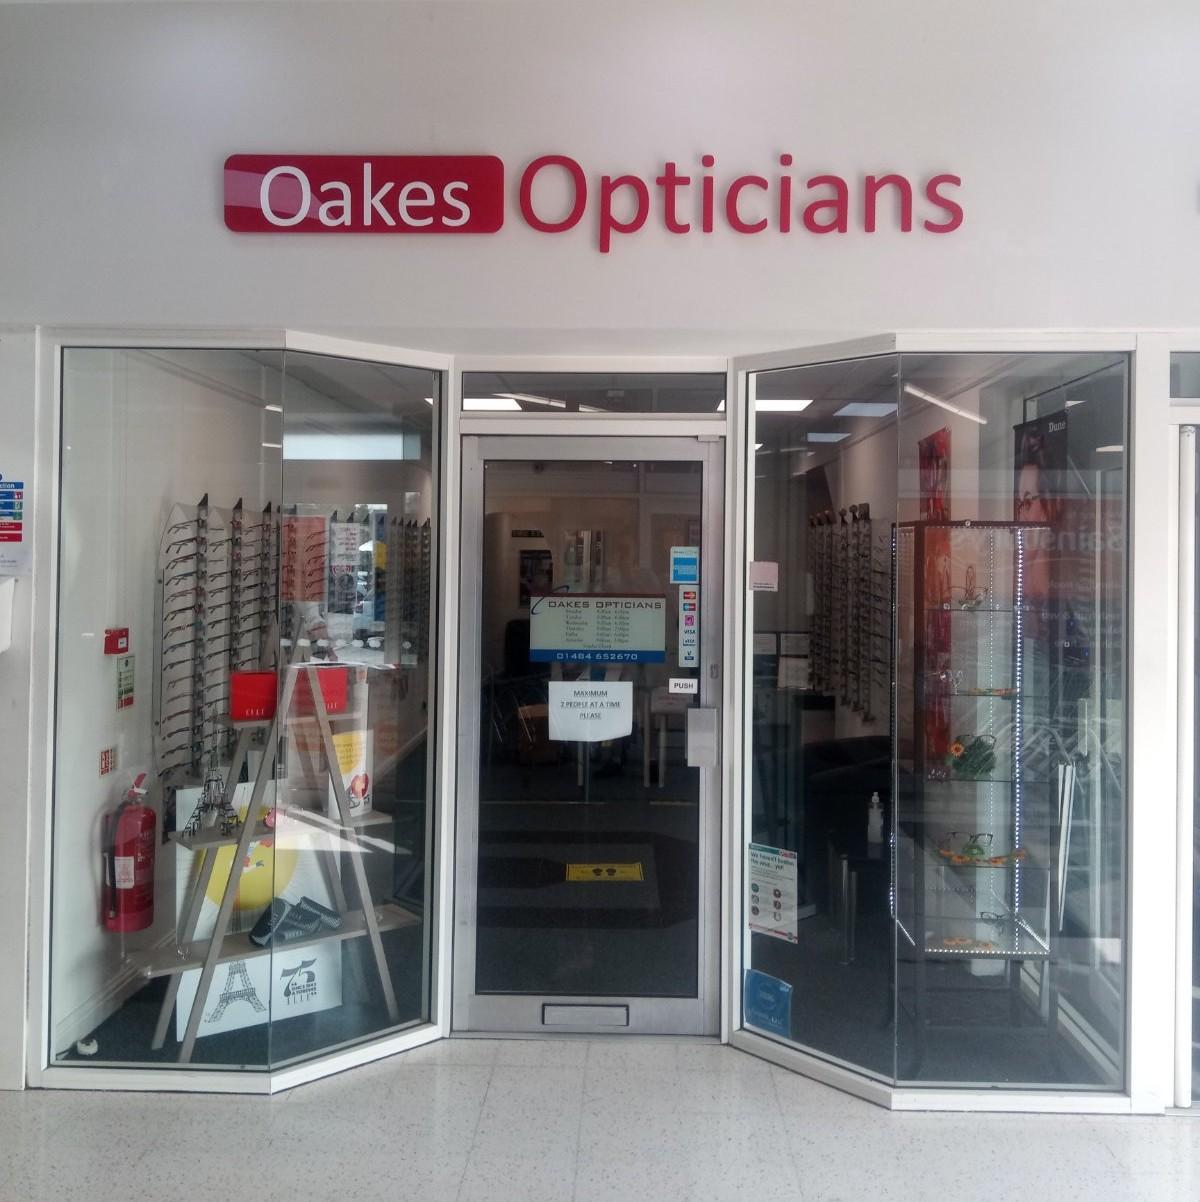 Oakes Opticians